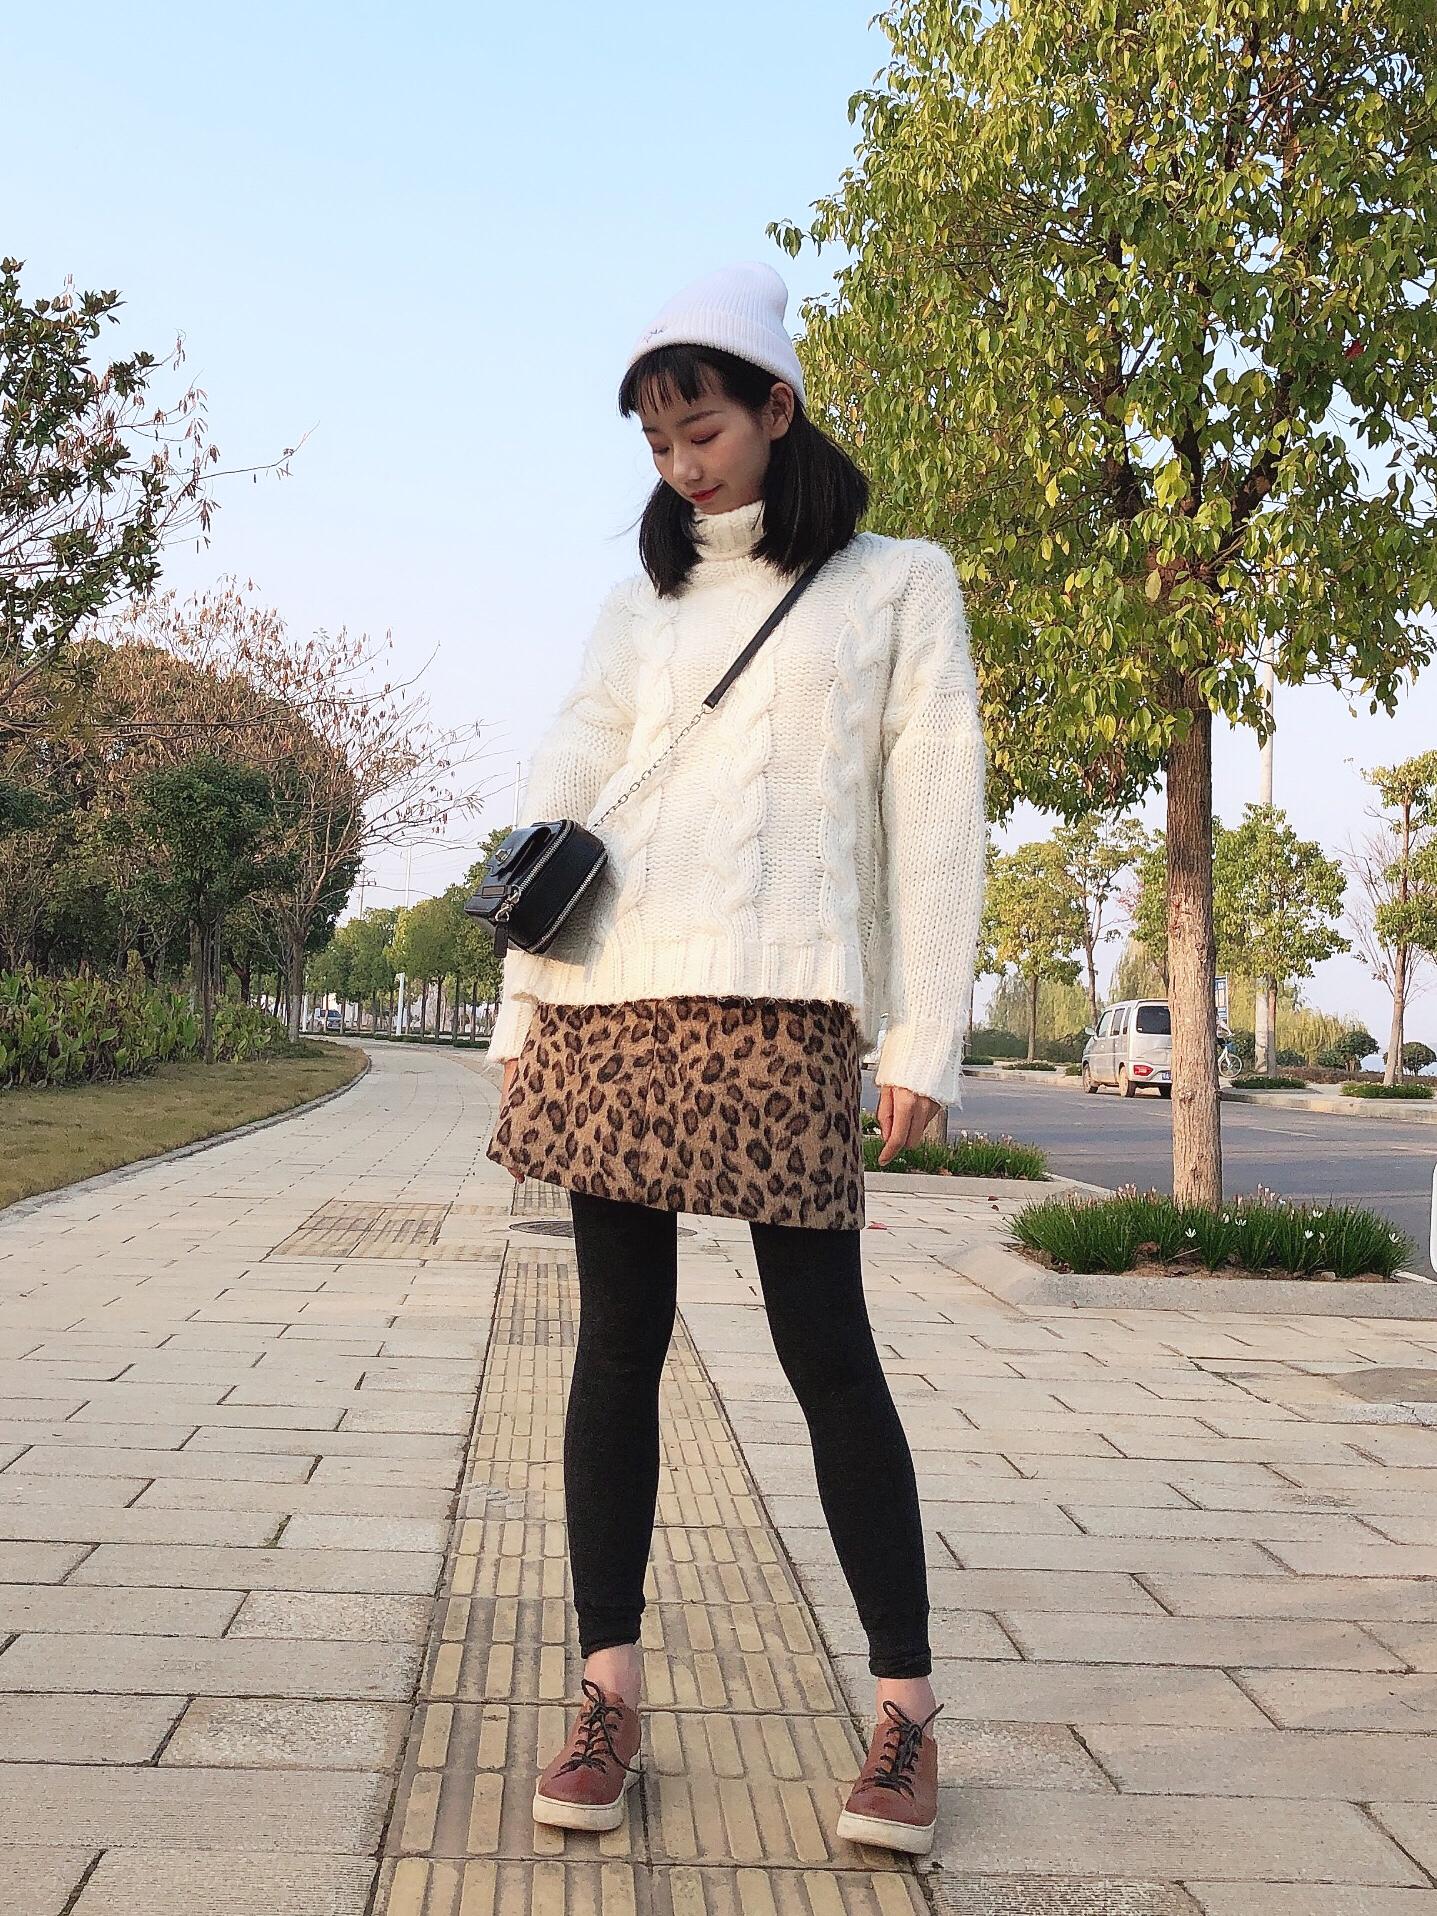 Vol.156 白色麻花高领套头毛衣 简单利索 见家长必备喔 今年流行的动物纹迟来了一步 点缀最佳啦~#别问了,不冷#